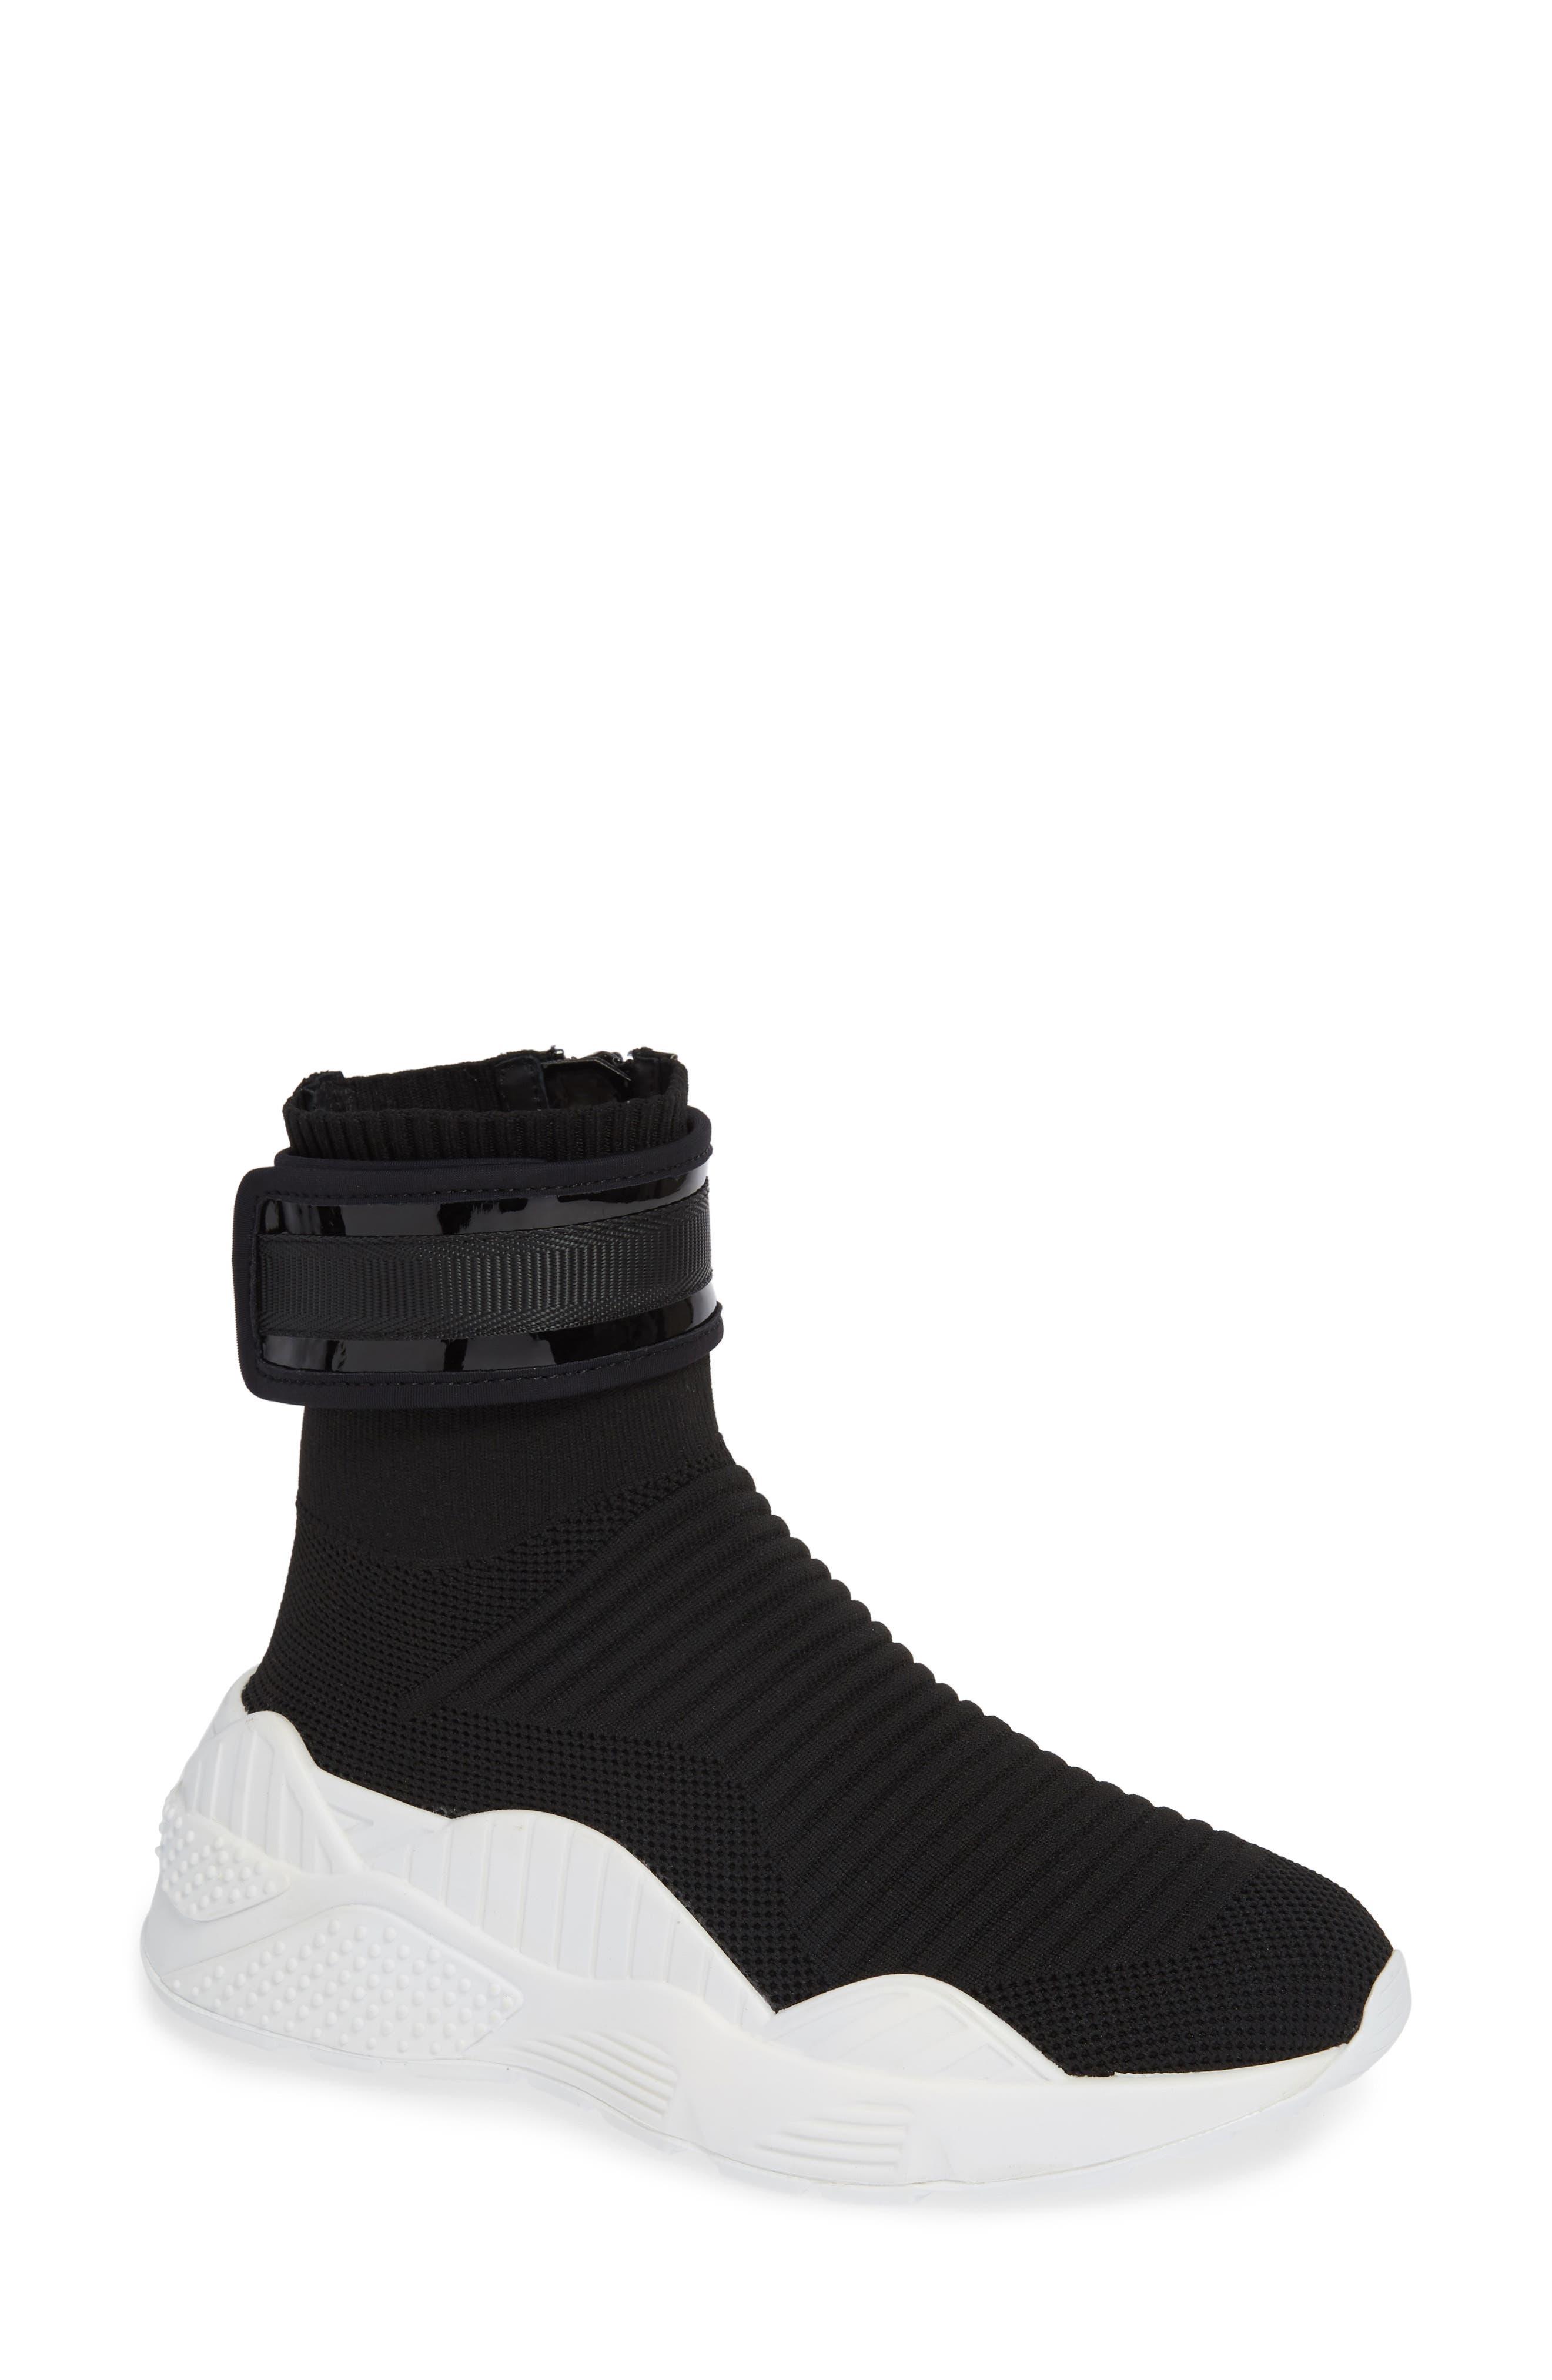 Interweb Cuff Knit Sneaker, Main, color, 014